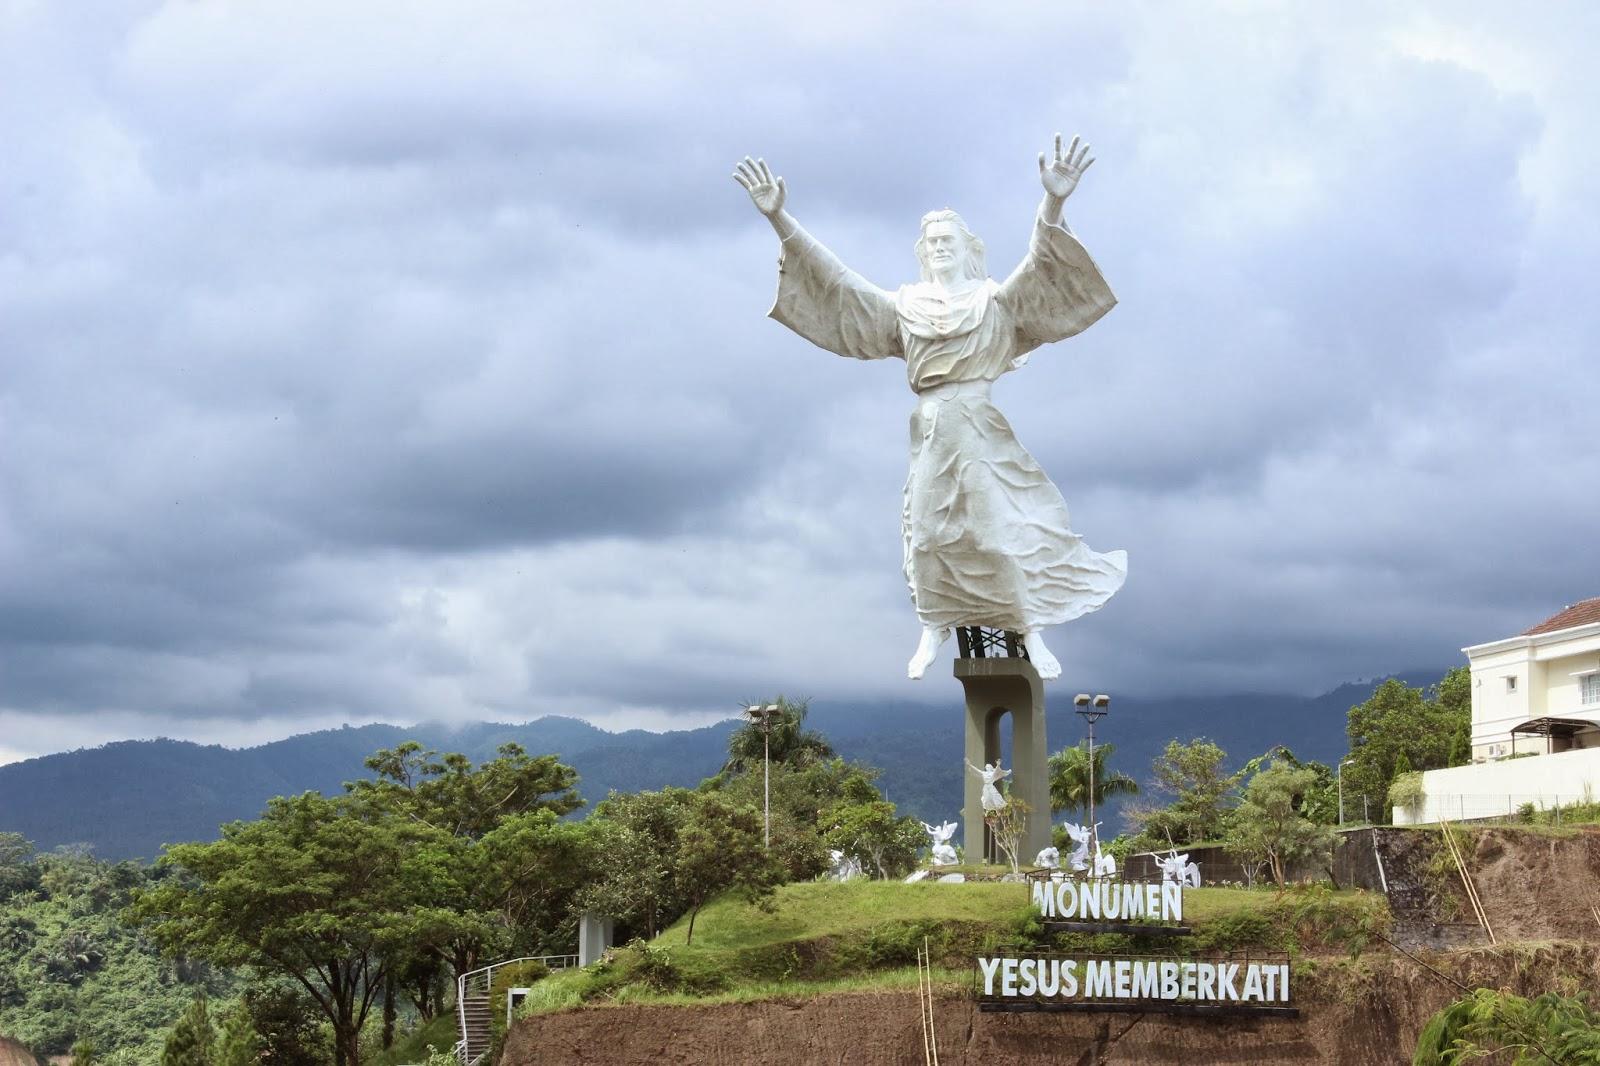 Ucha Disini Manado Ooh Bumi Kawanua Damai Iya Salut Kota